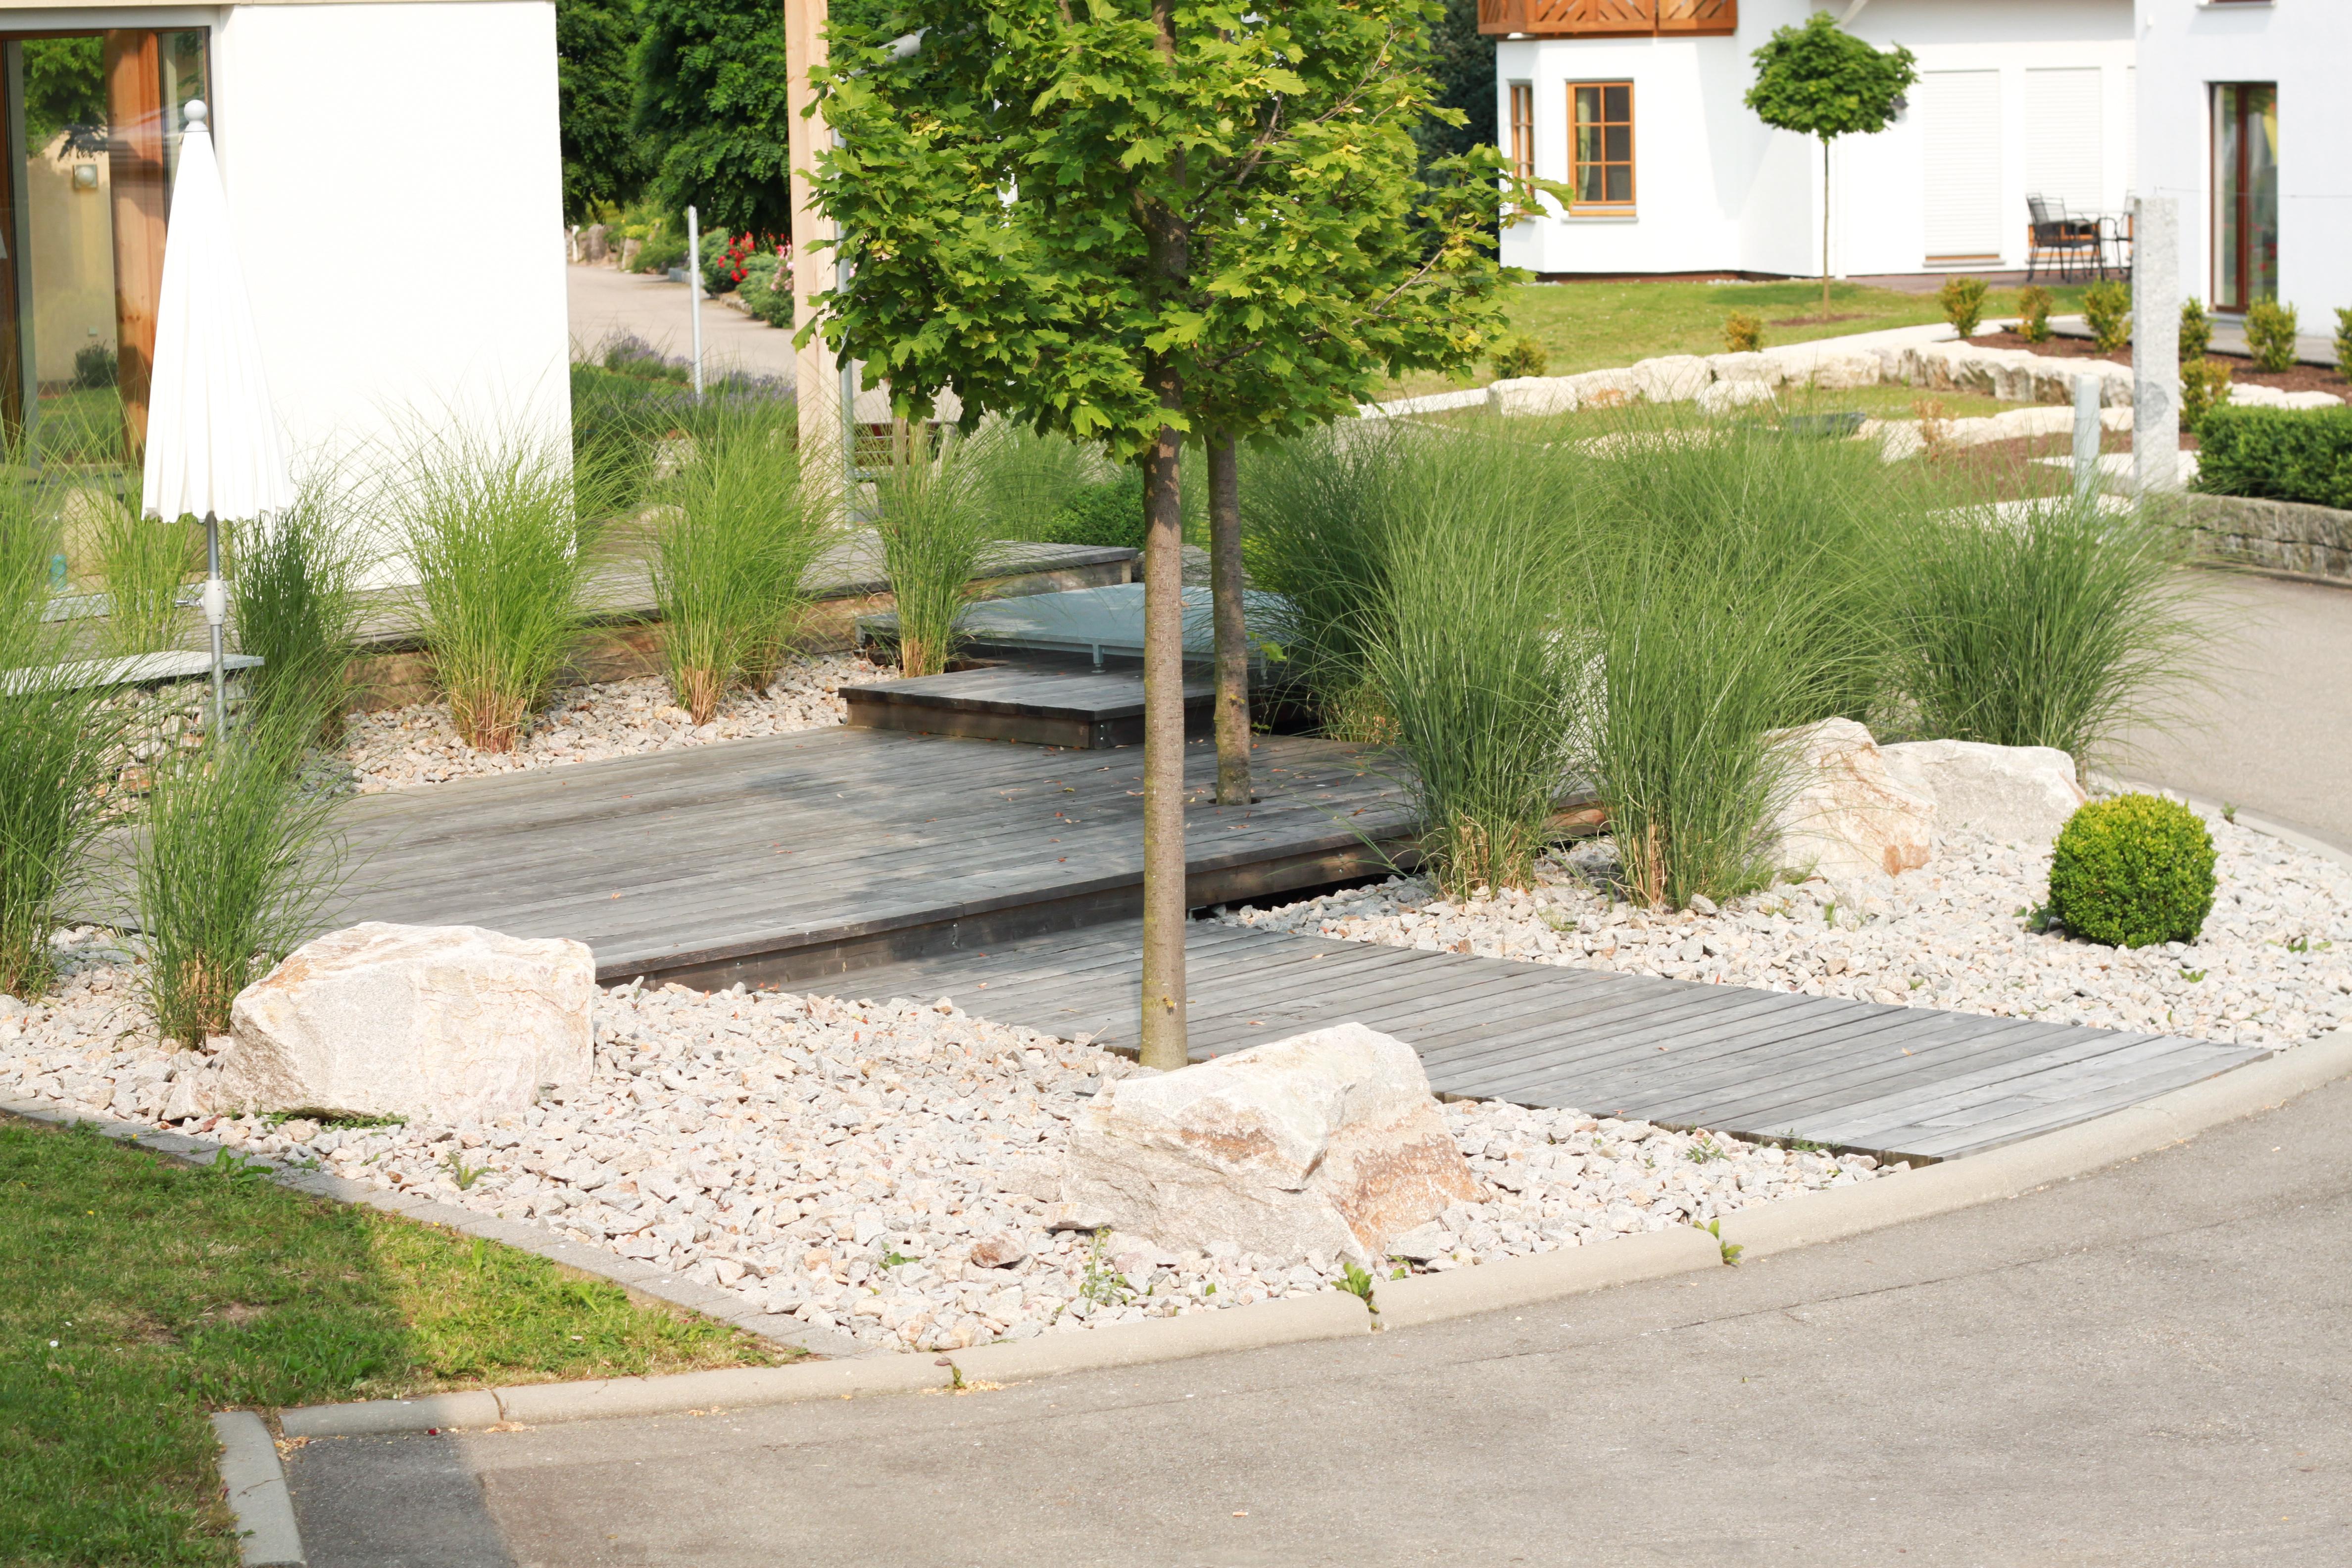 Vorgarten mit Eingang im Gartenbau